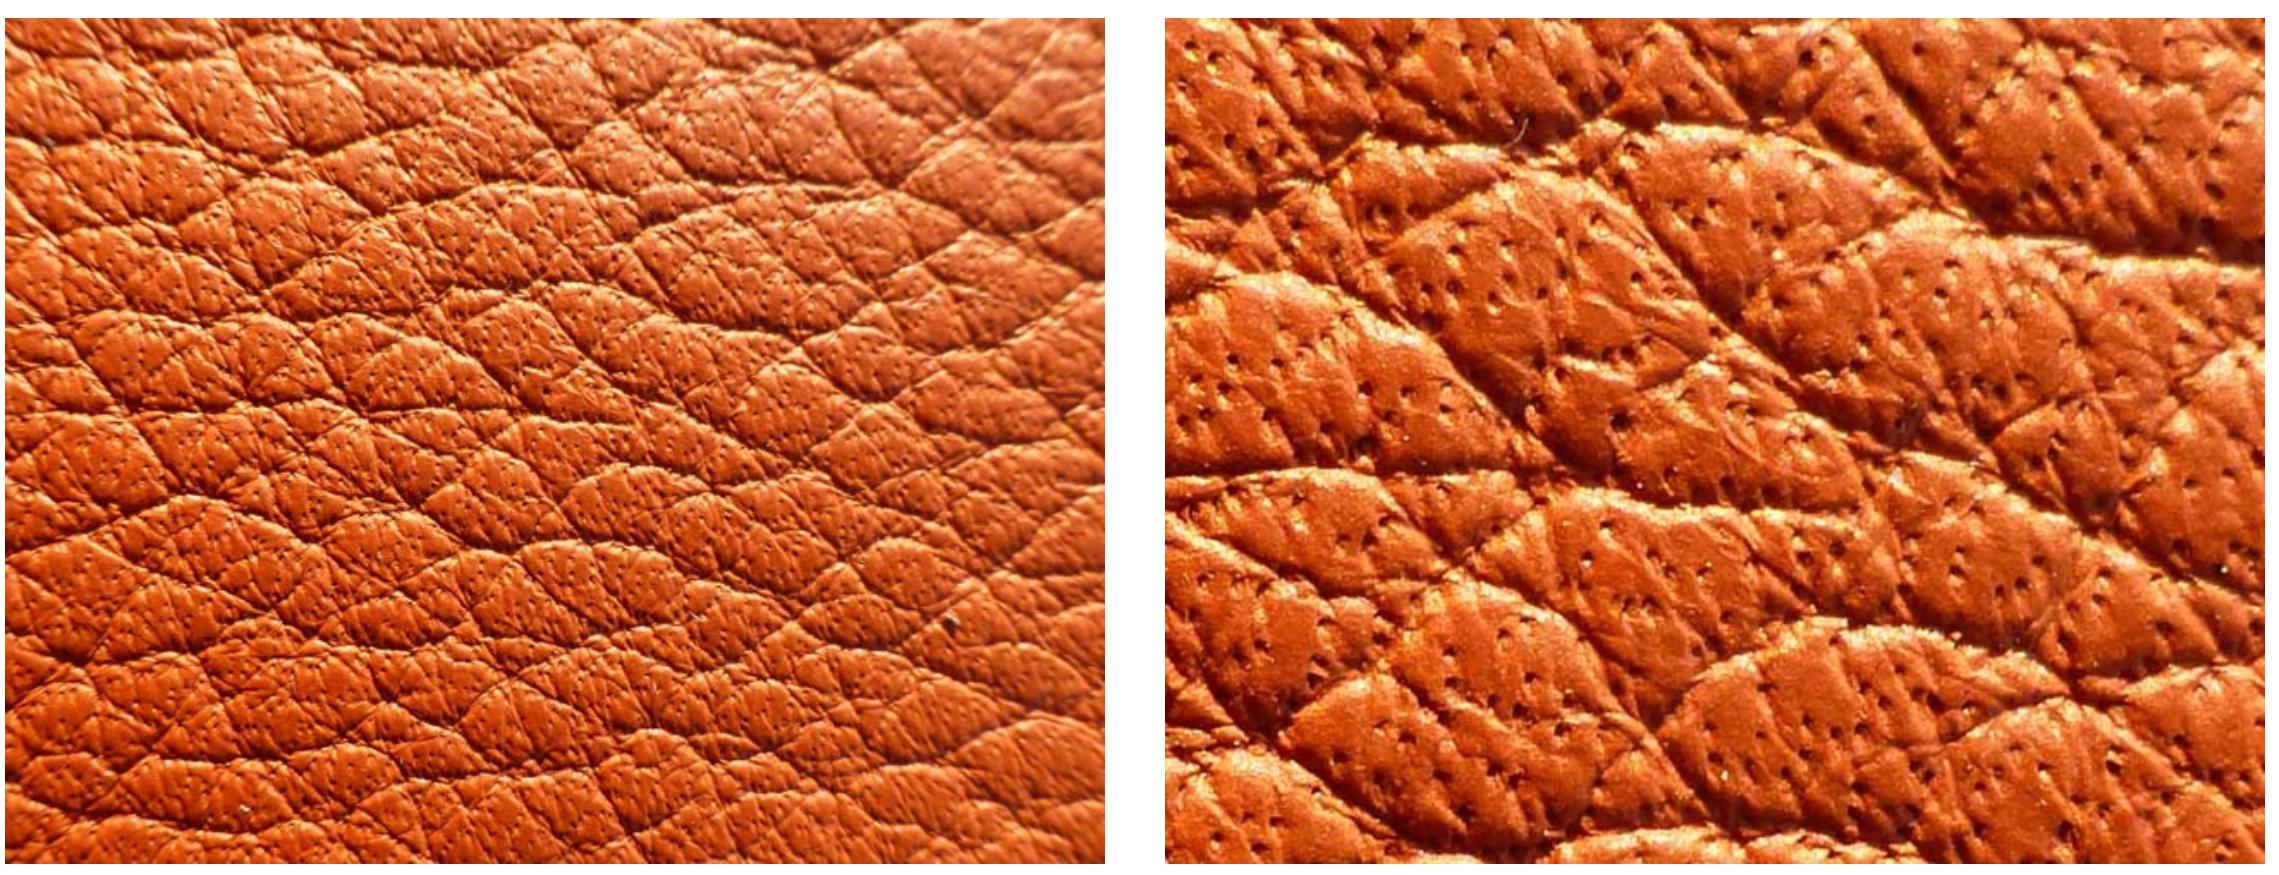 Un cuir semi aniline, la peau a été teinté avec des pigments, mais les pores sont encore visibles.  (source colourlock)